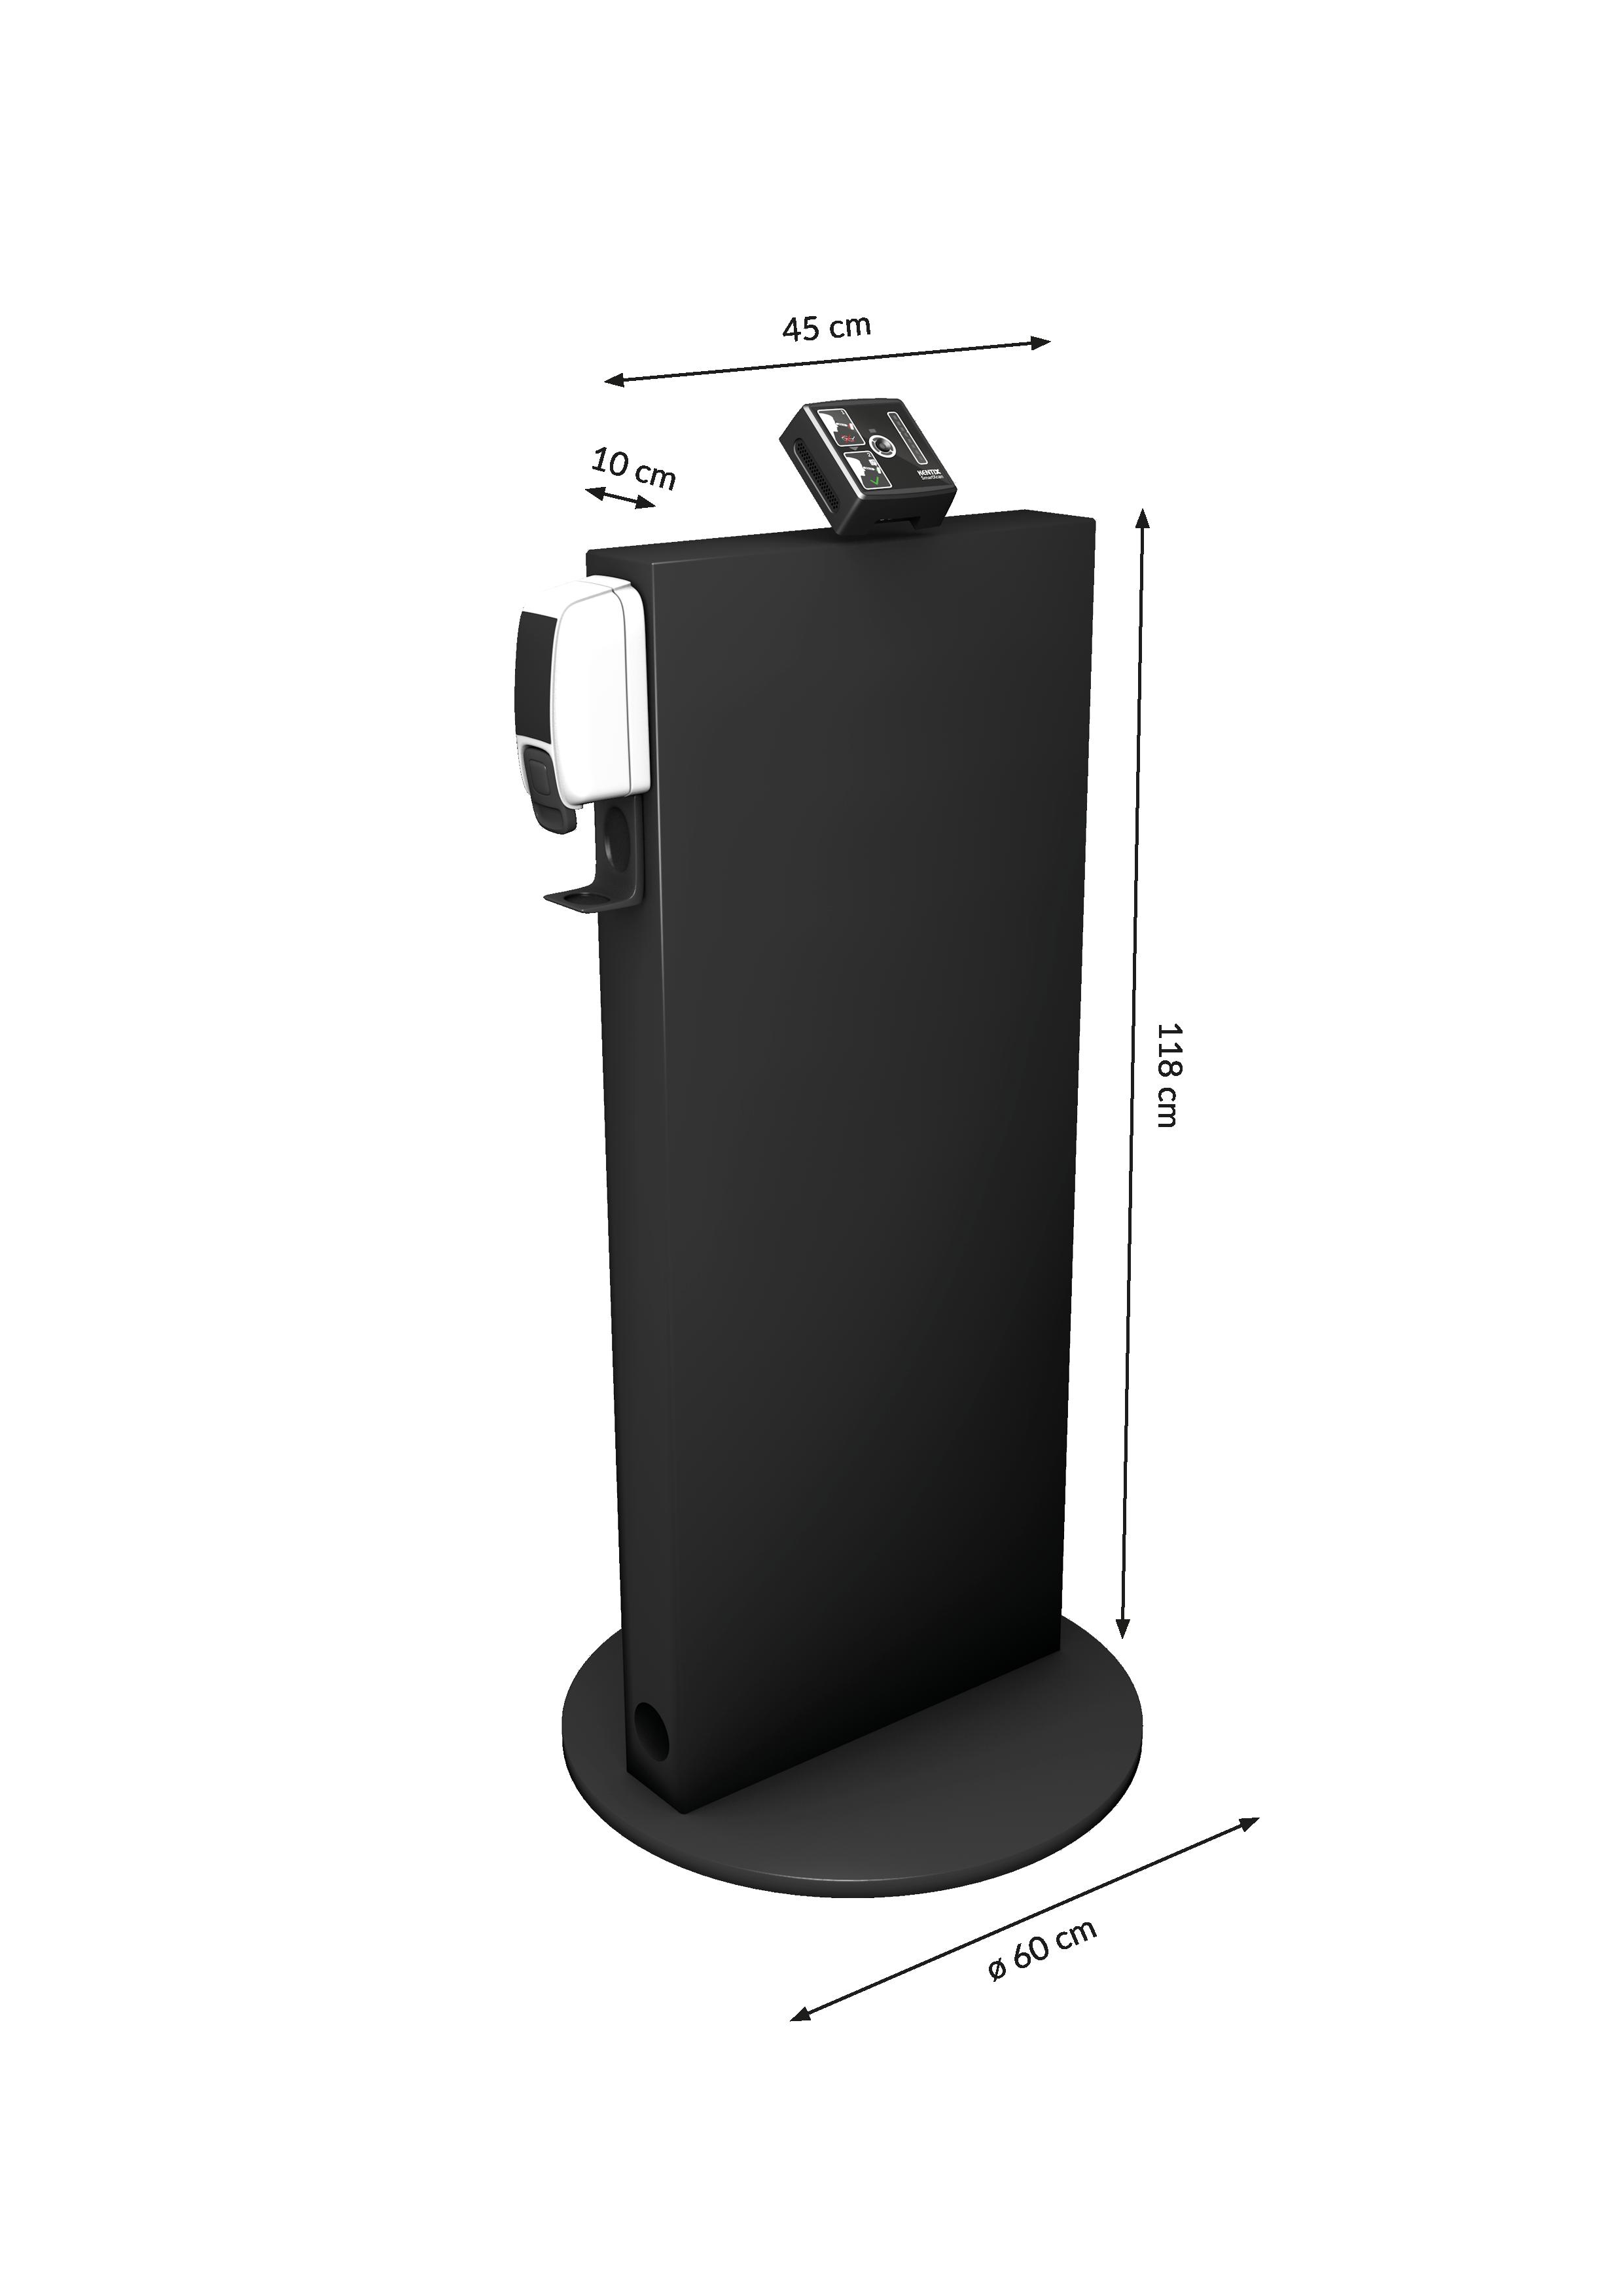 Kentix SmartXcan mit Stele von VINTIN - Maße